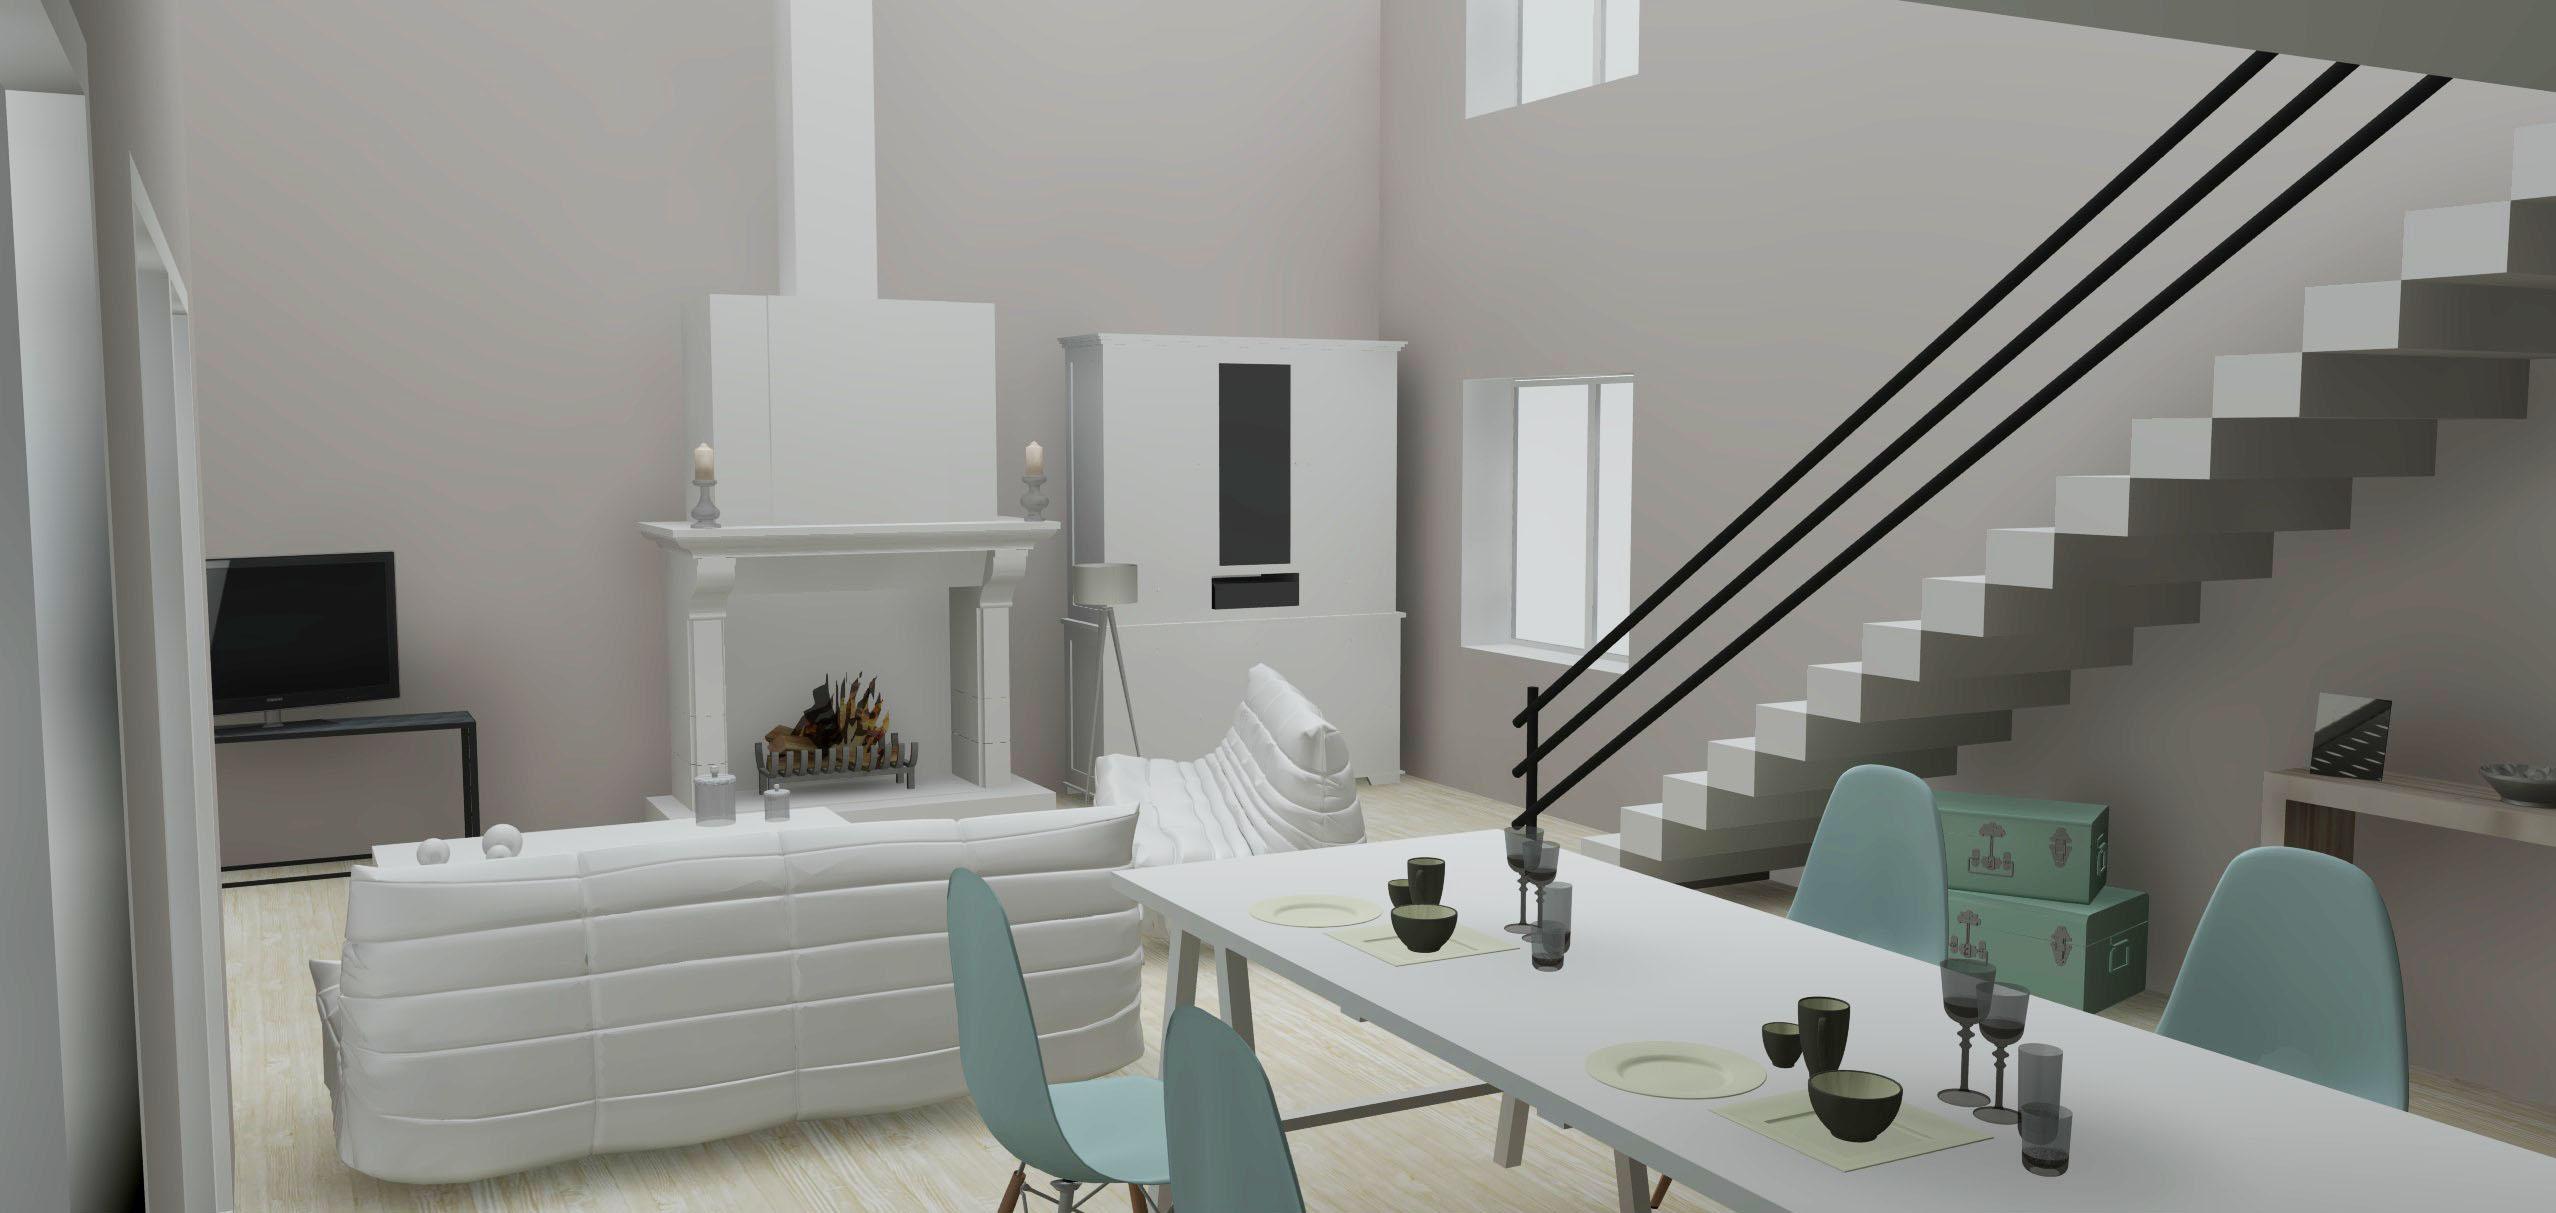 Architecture Maison Nimoise séjour L'Atelier d'Elisa